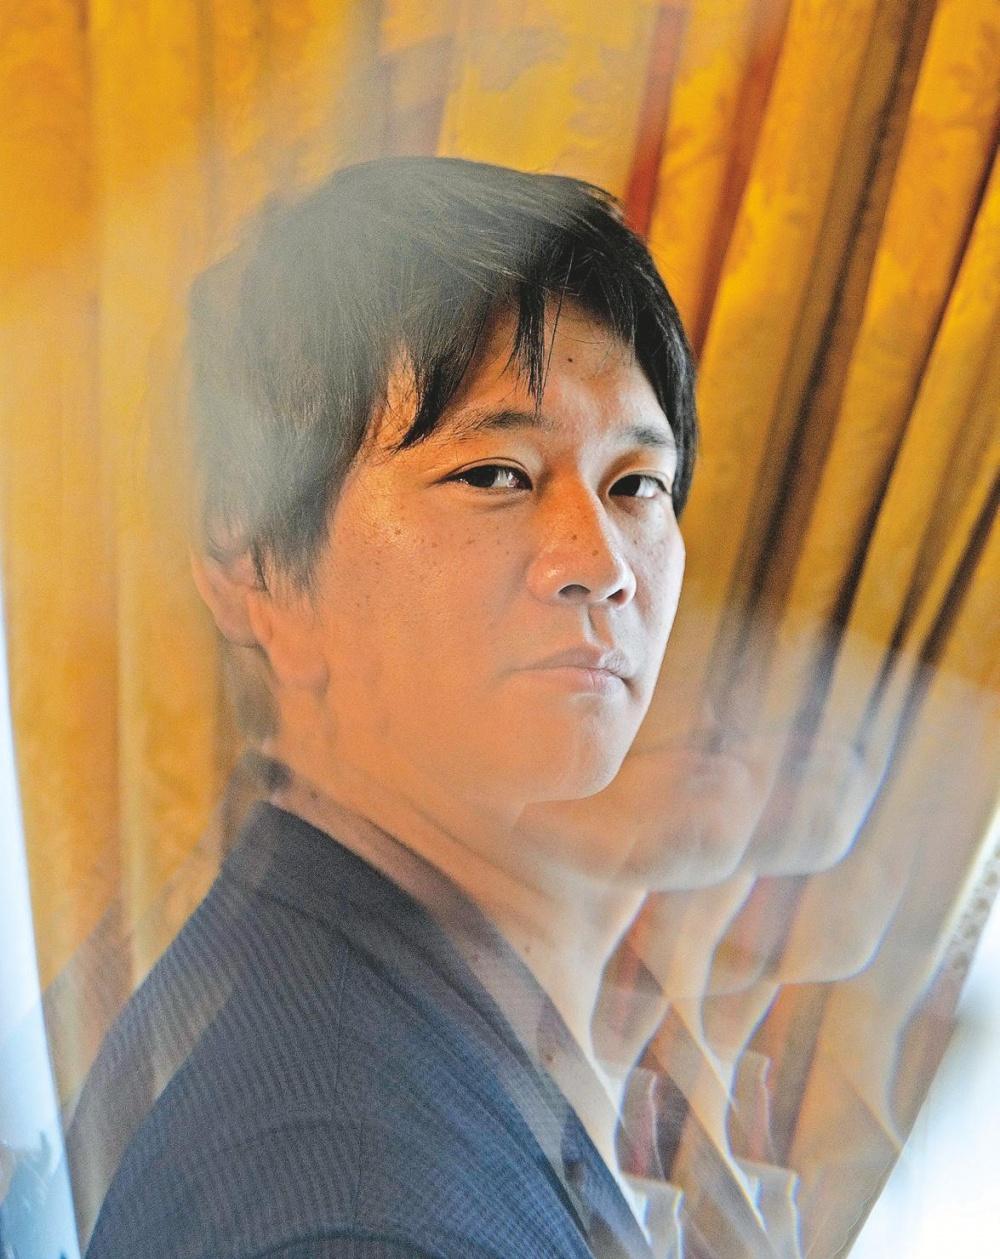 El director del film, Takashi Watanabe.